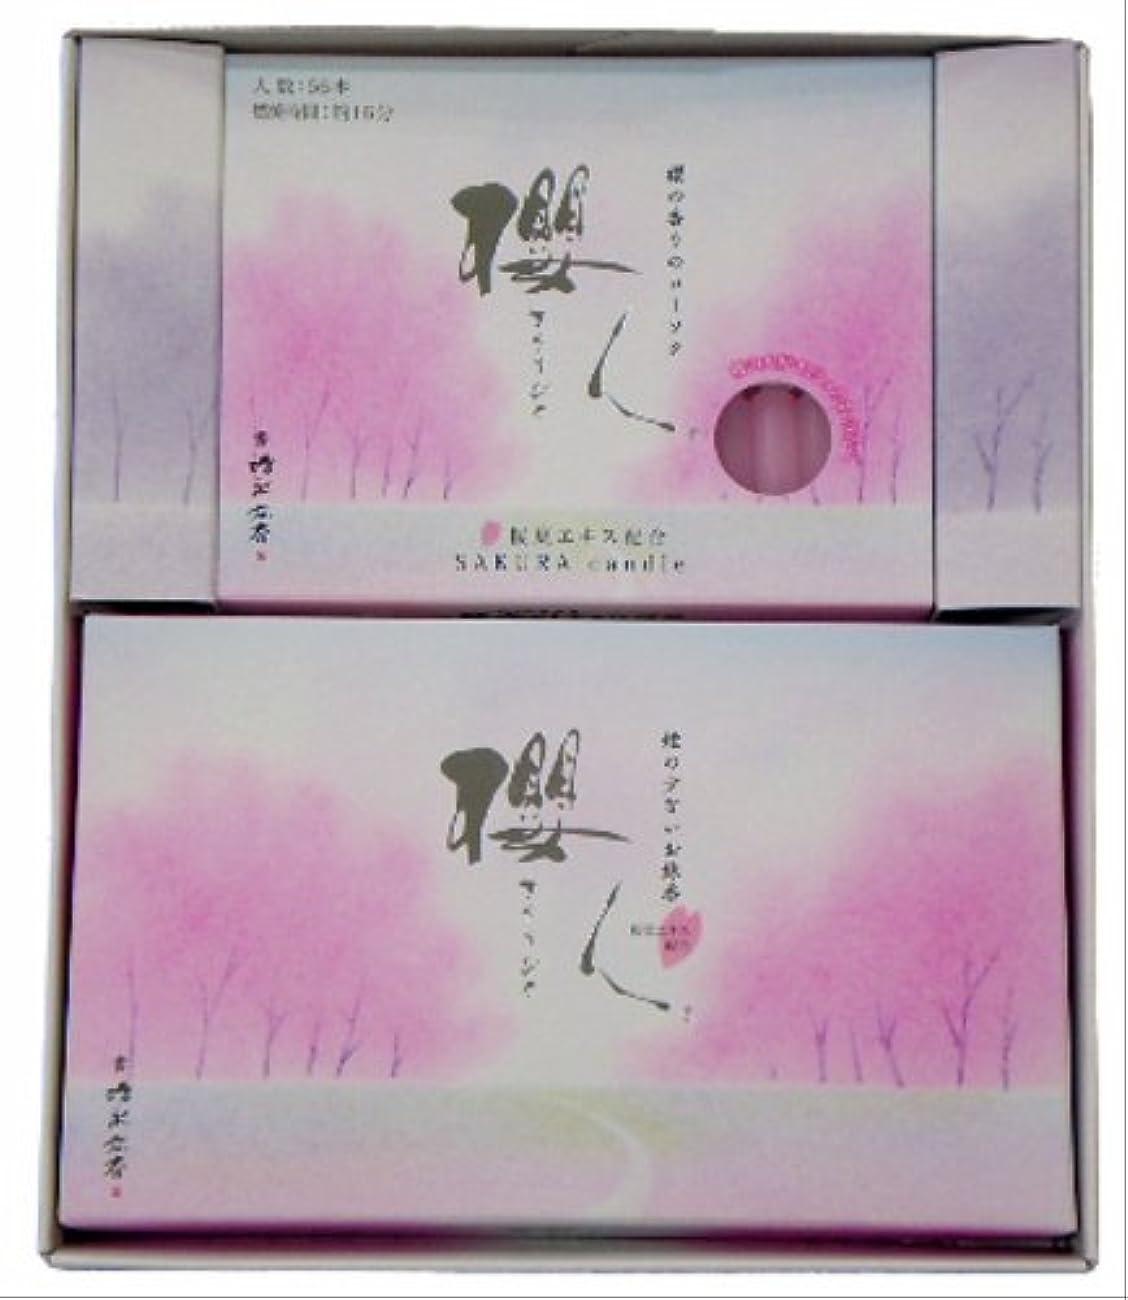 キャンドル&お線香 櫻人 詰合 (大)